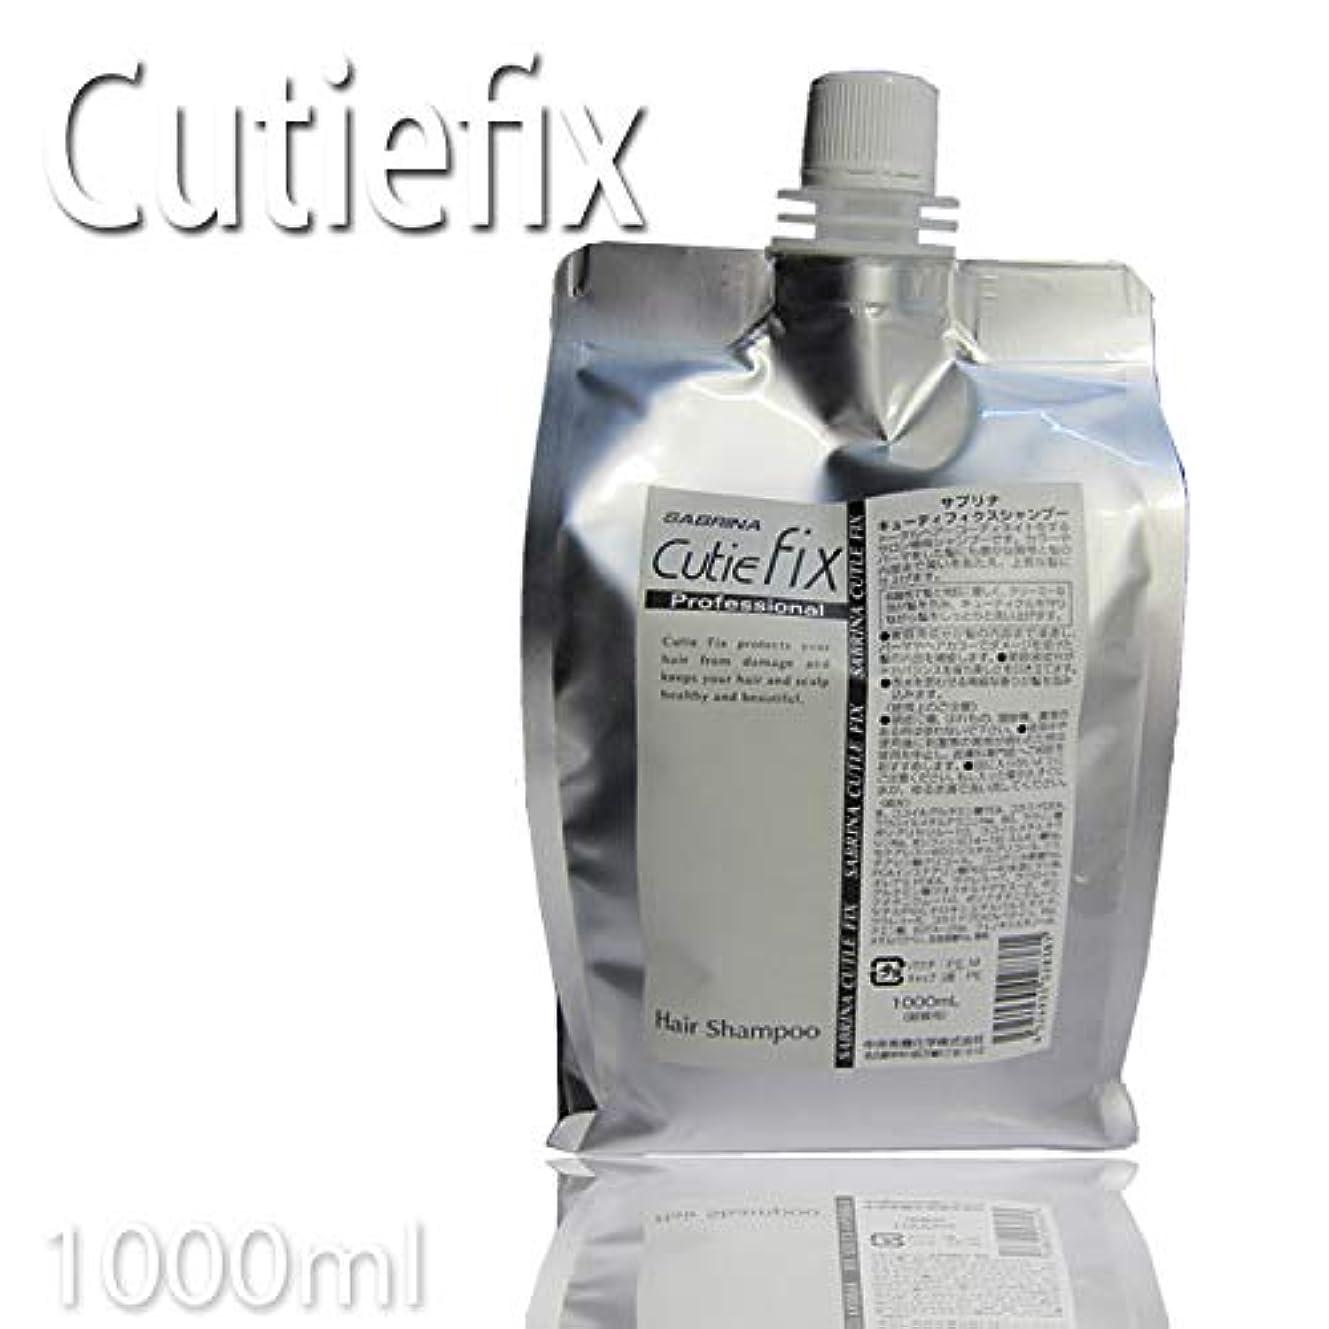 うなる鼓舞する魅力中央有機化学 サブリナ キューティフィクス シャンプー 1000ml 詰替 プロフェッショナル